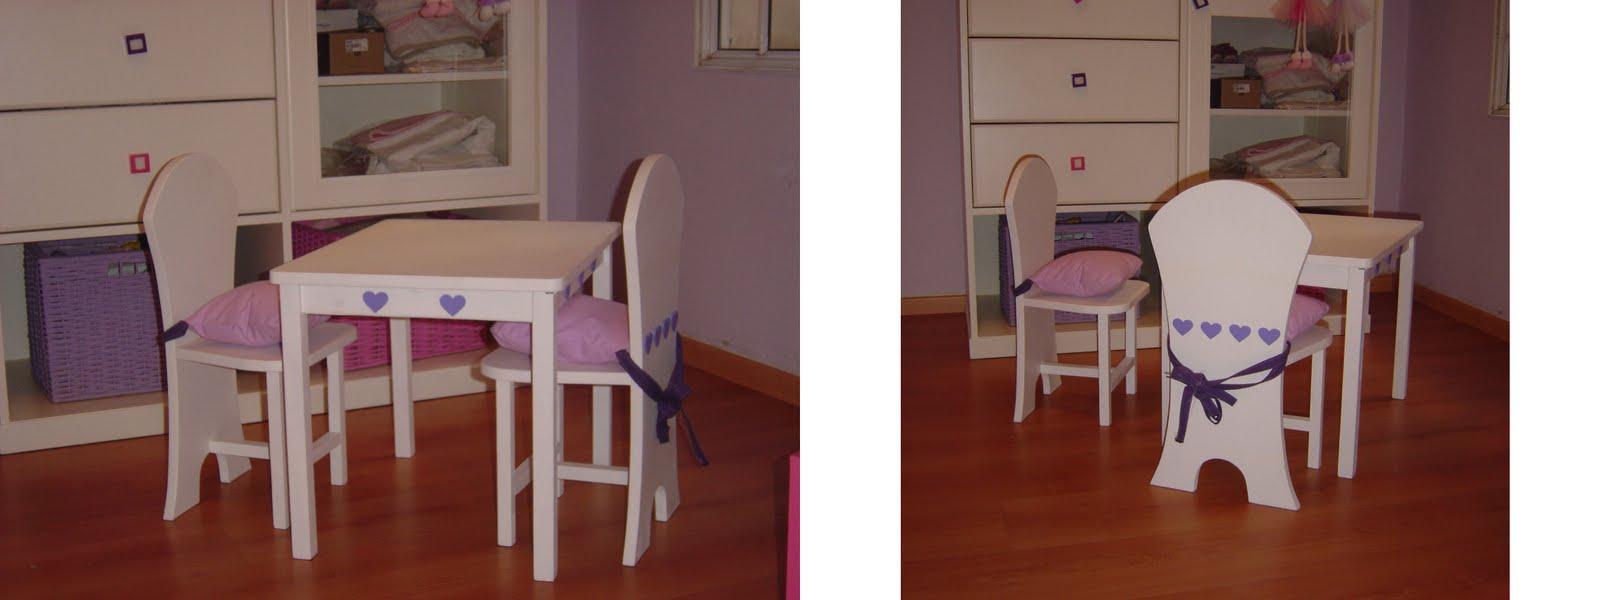 Mesas y sillas infantiles contrapunto for Mesa y silla infantil